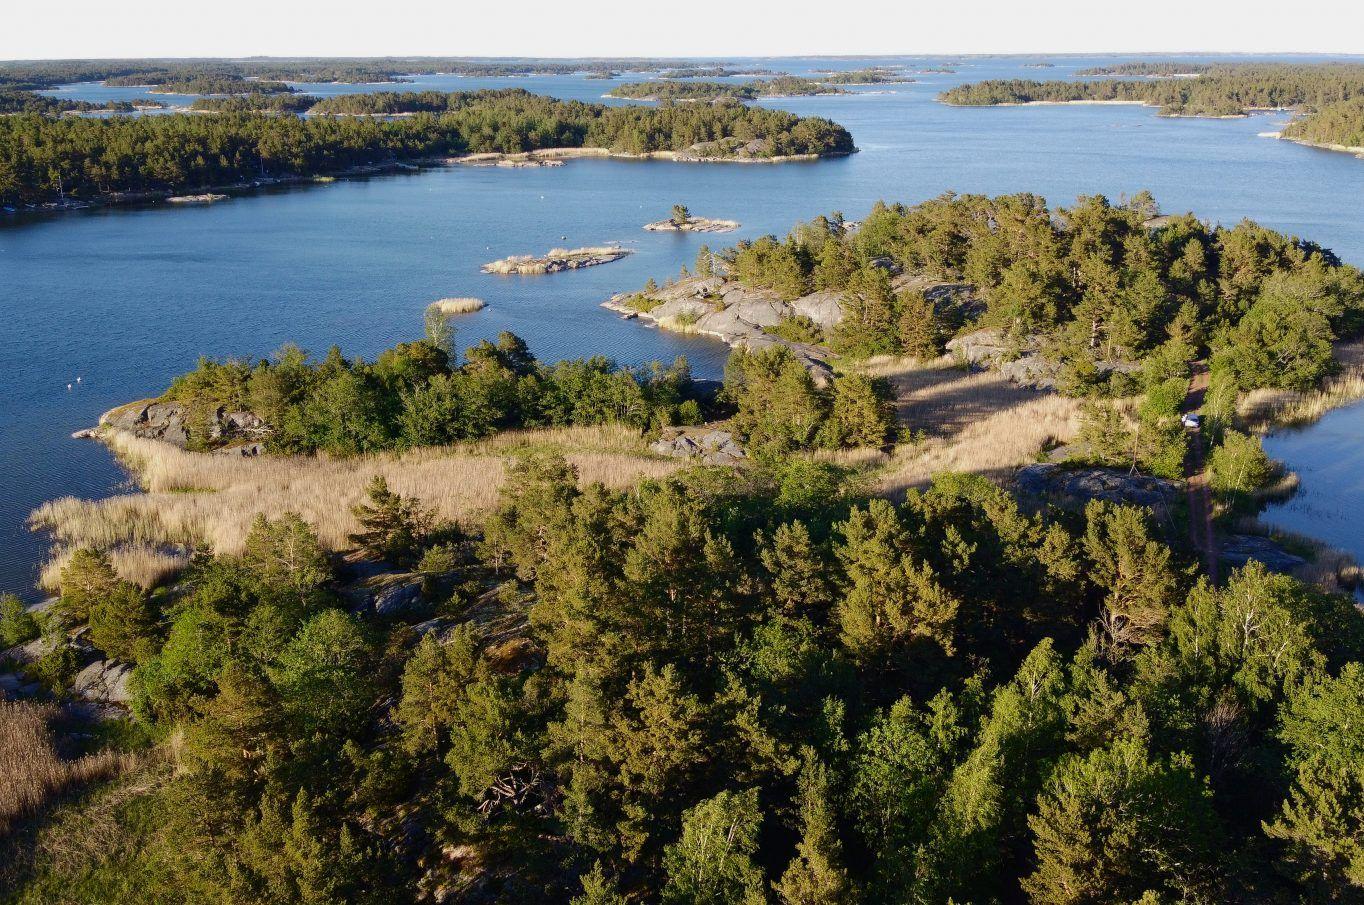 Ett ca 1 ha stort strandområde i Föglö